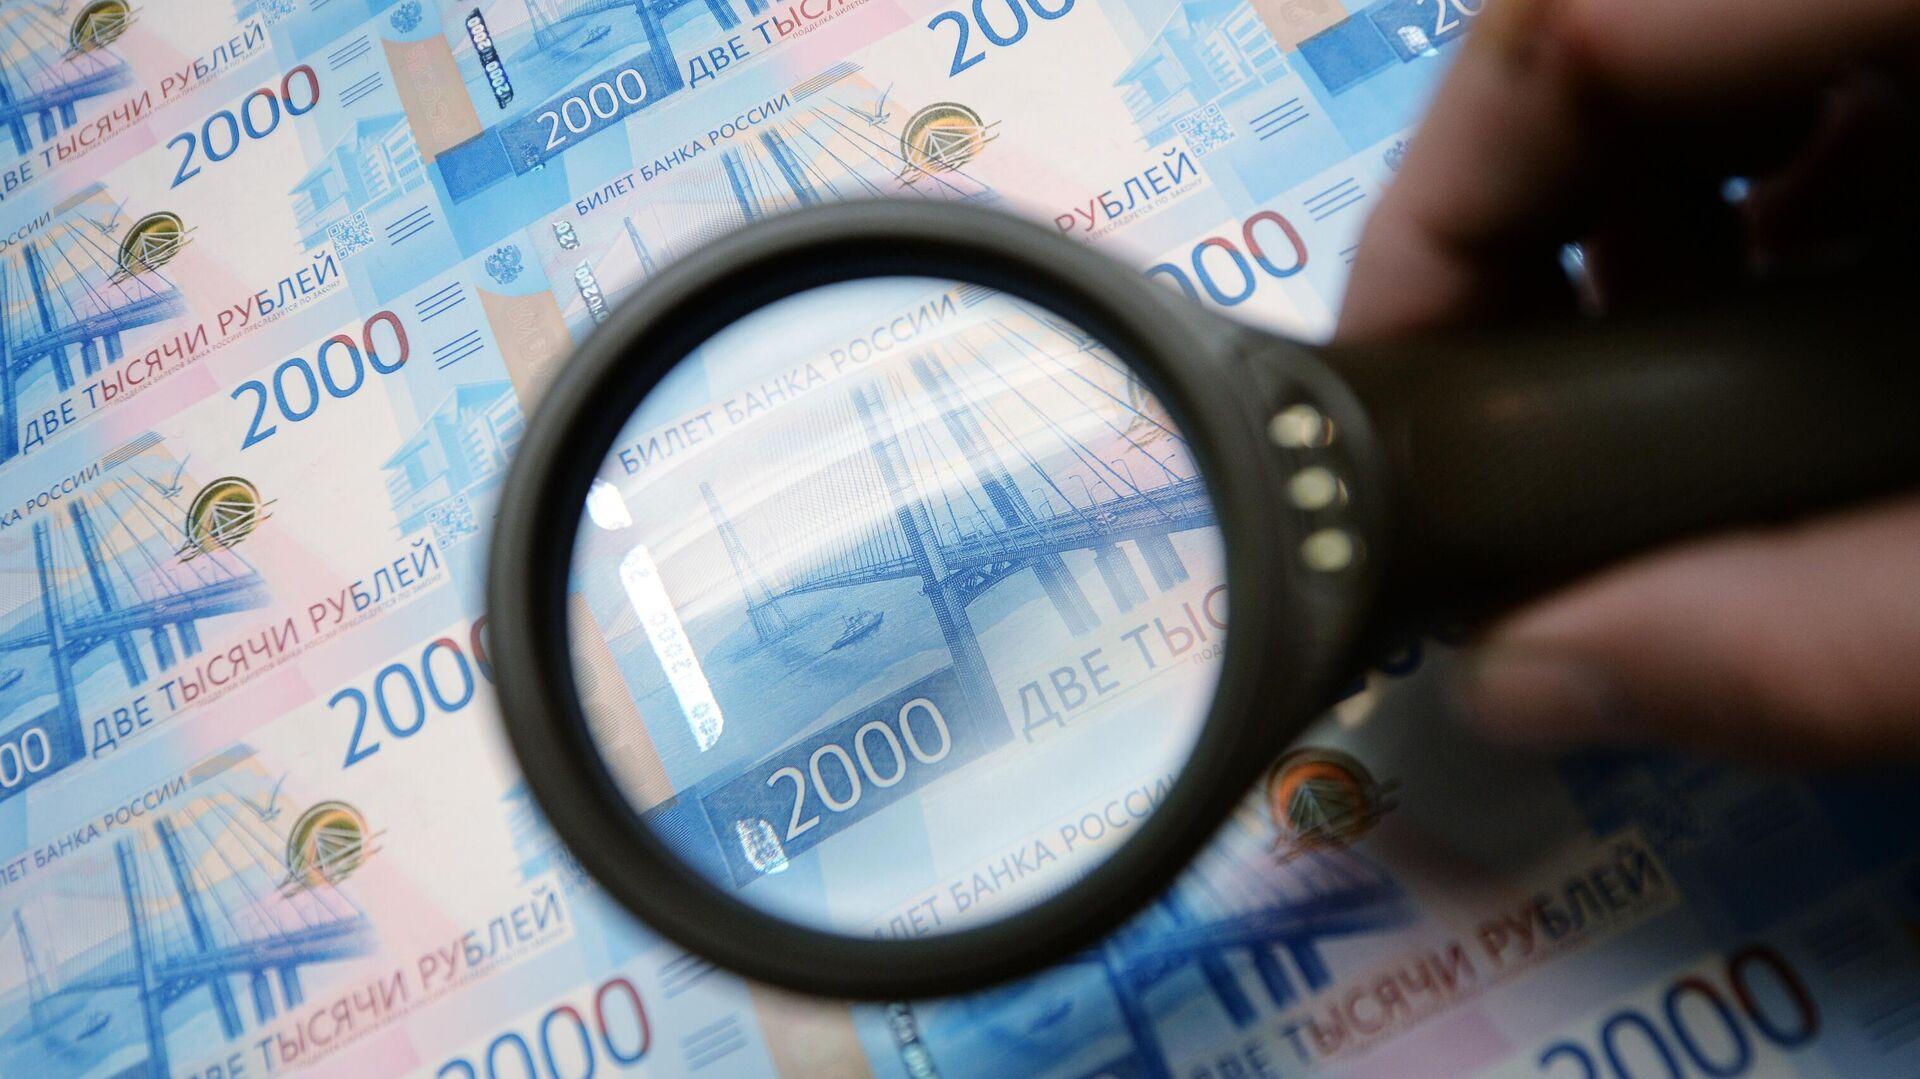 Листы с денежными купюрами номиналом 2000 рублей - РИА Новости, 1920, 25.12.2020